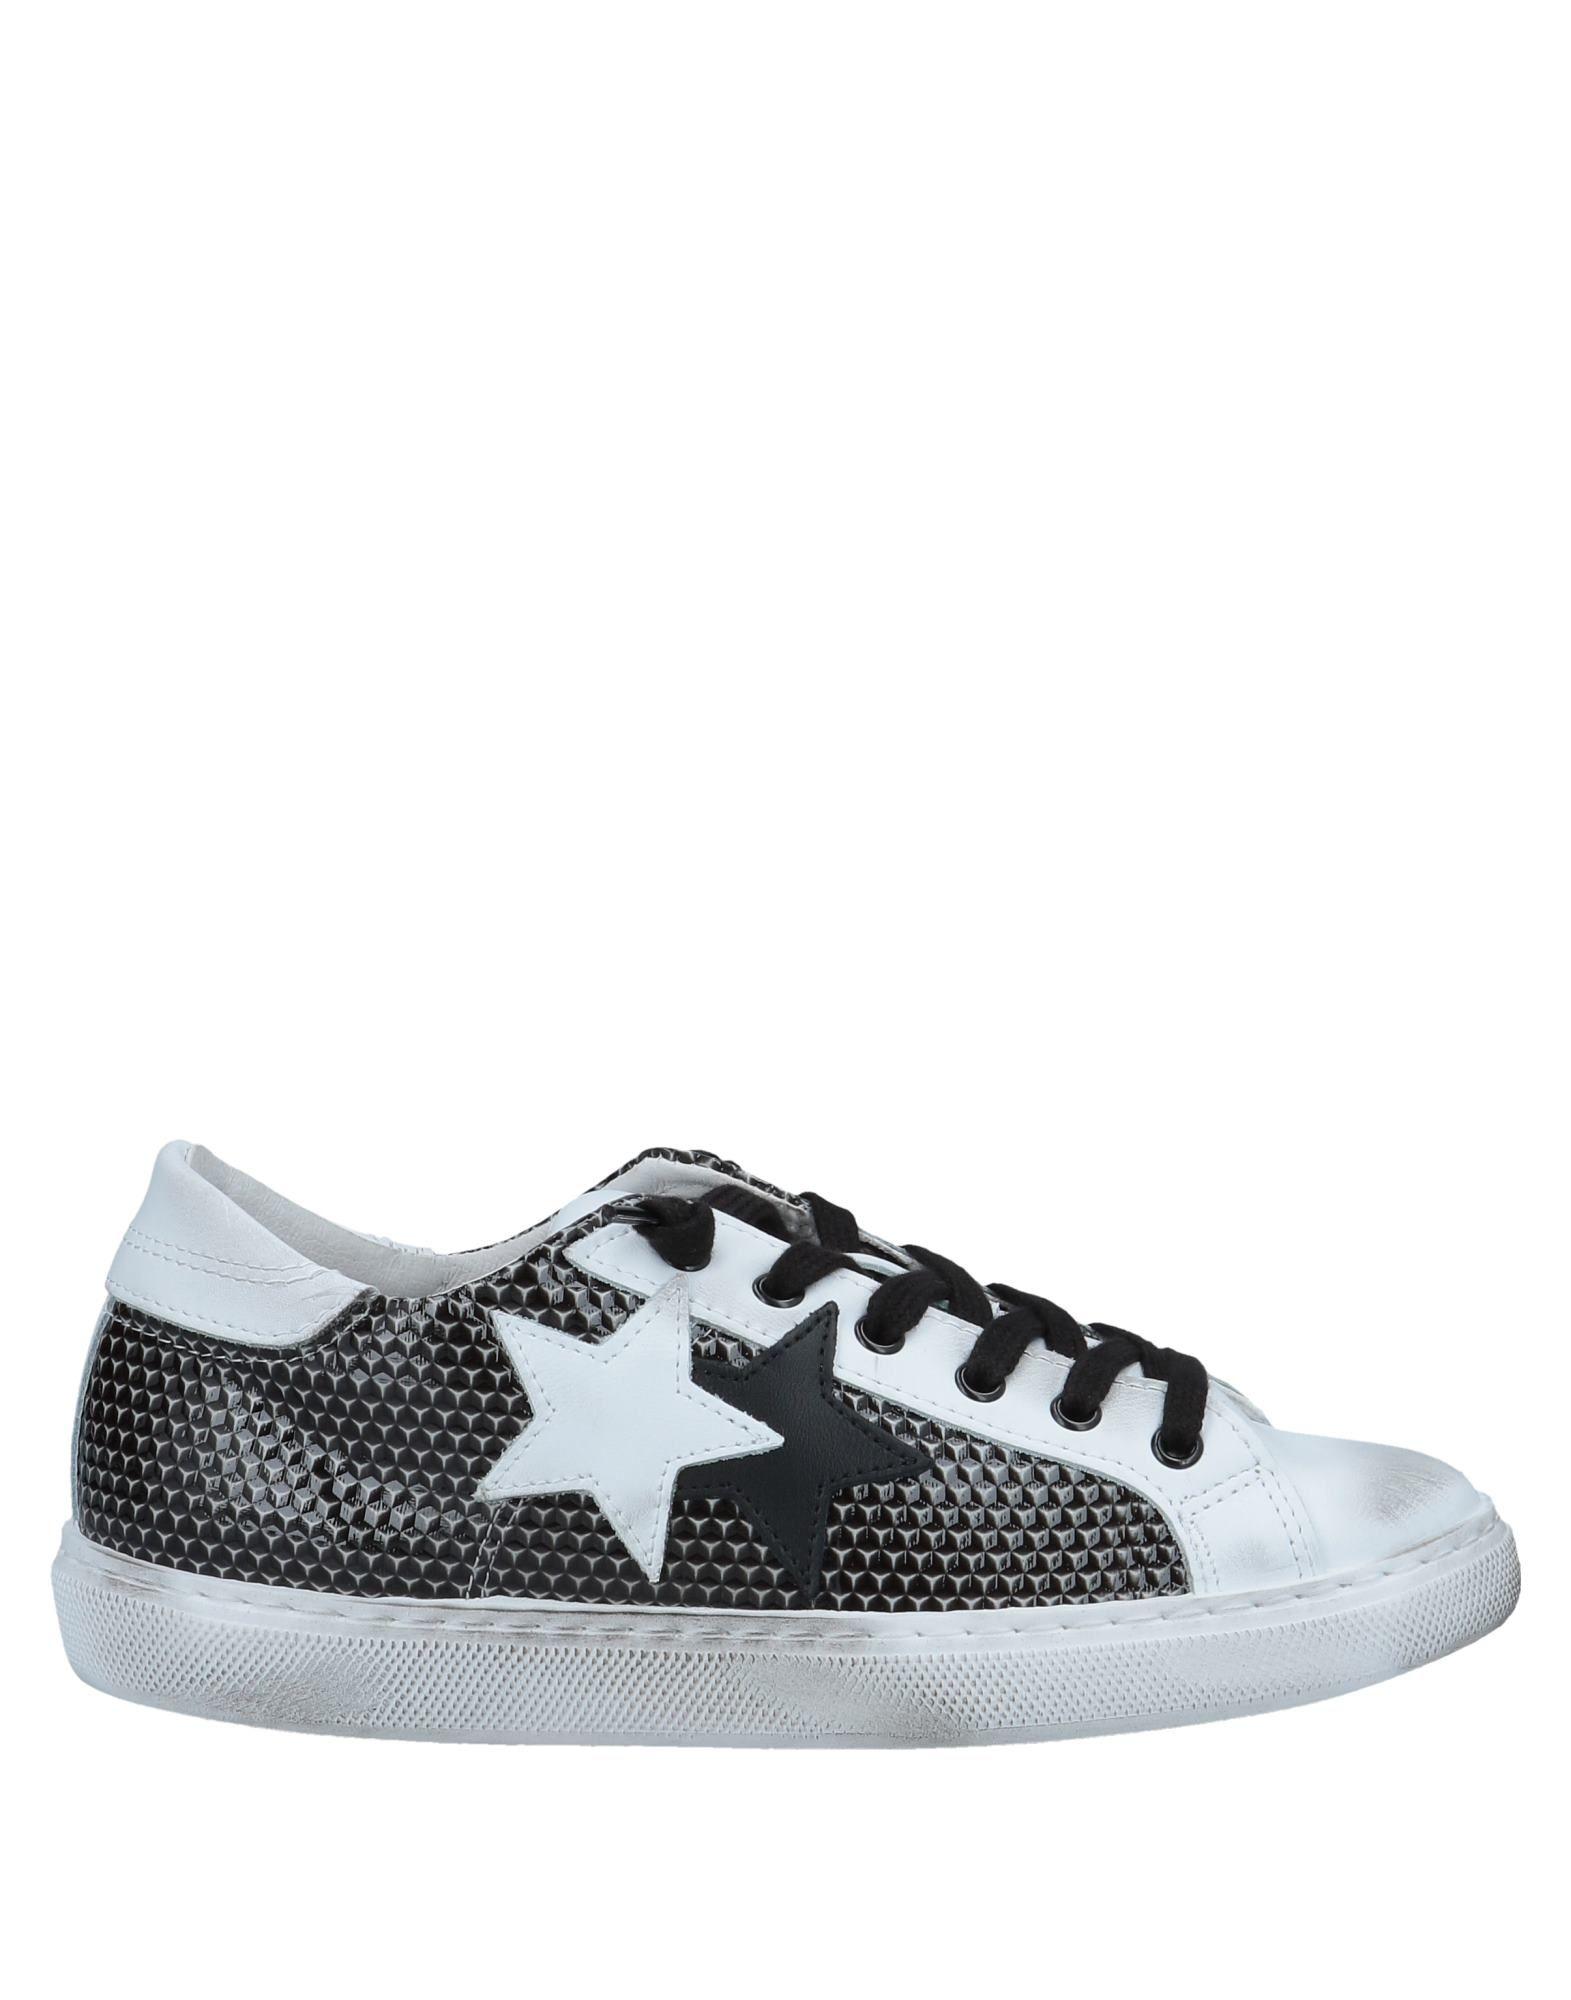 Sneakers 2Star Donna - 11553984DT Scarpe economiche e buone